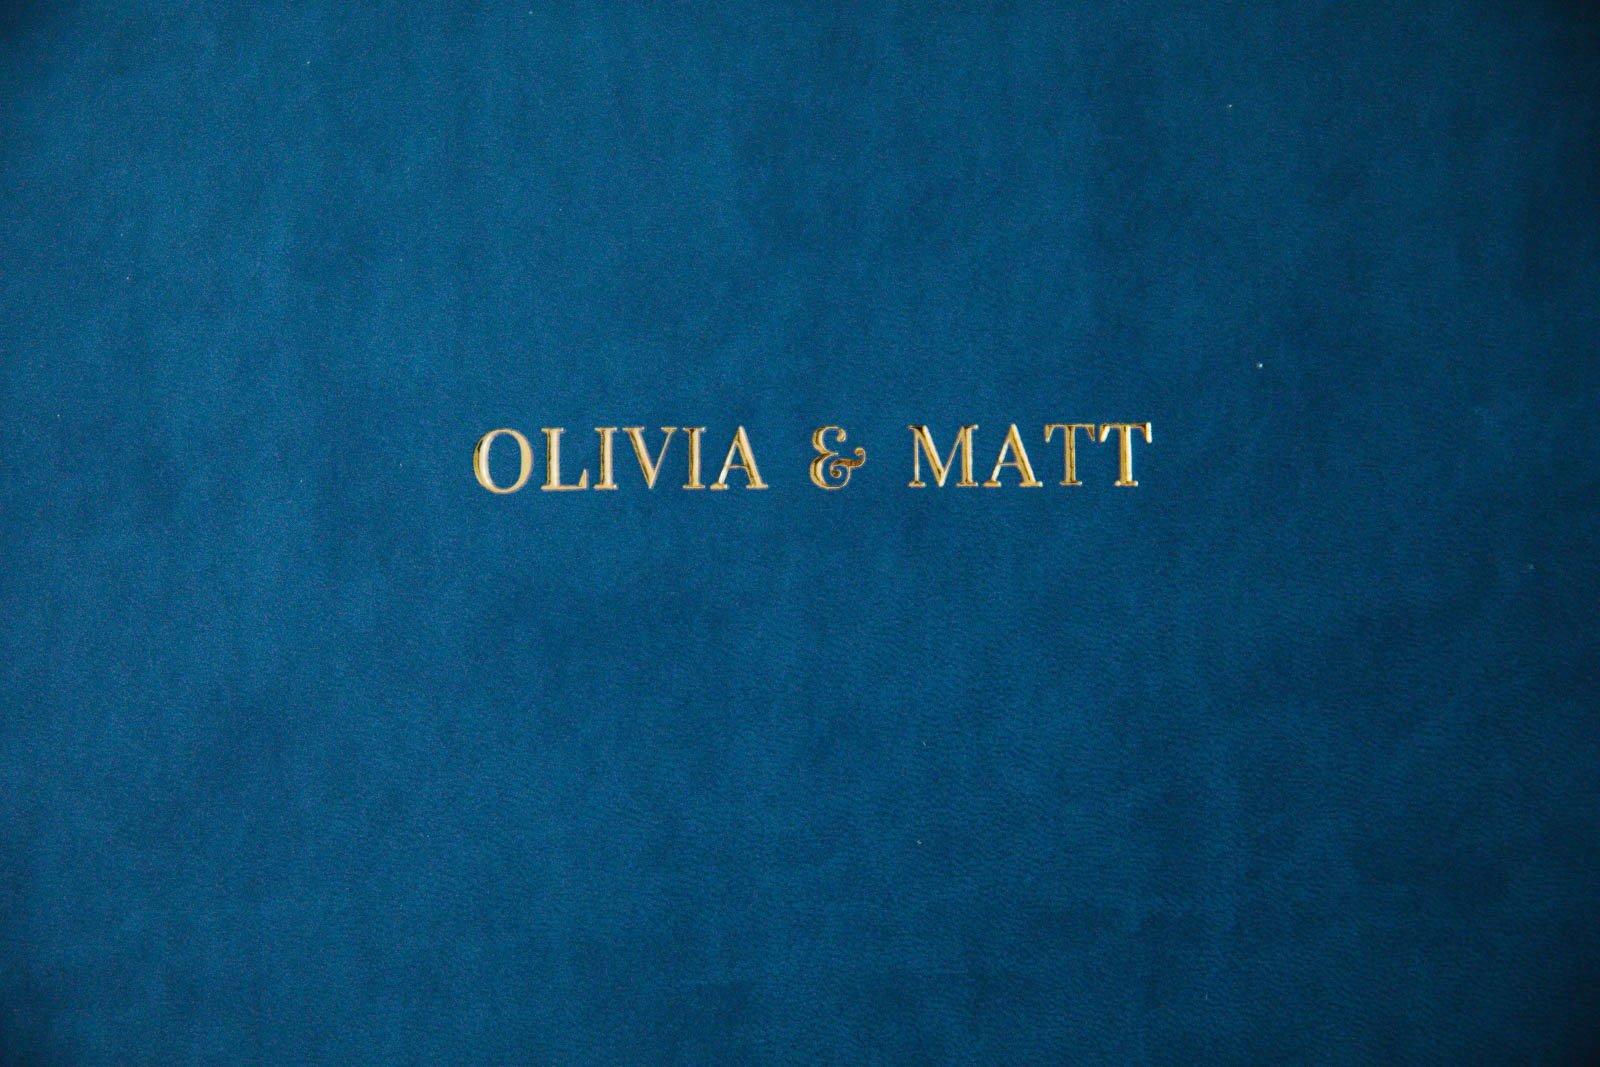 Wedding-Photographer-Surrey-Carl-Glancey-Folio-Wedding-Albums-12 7